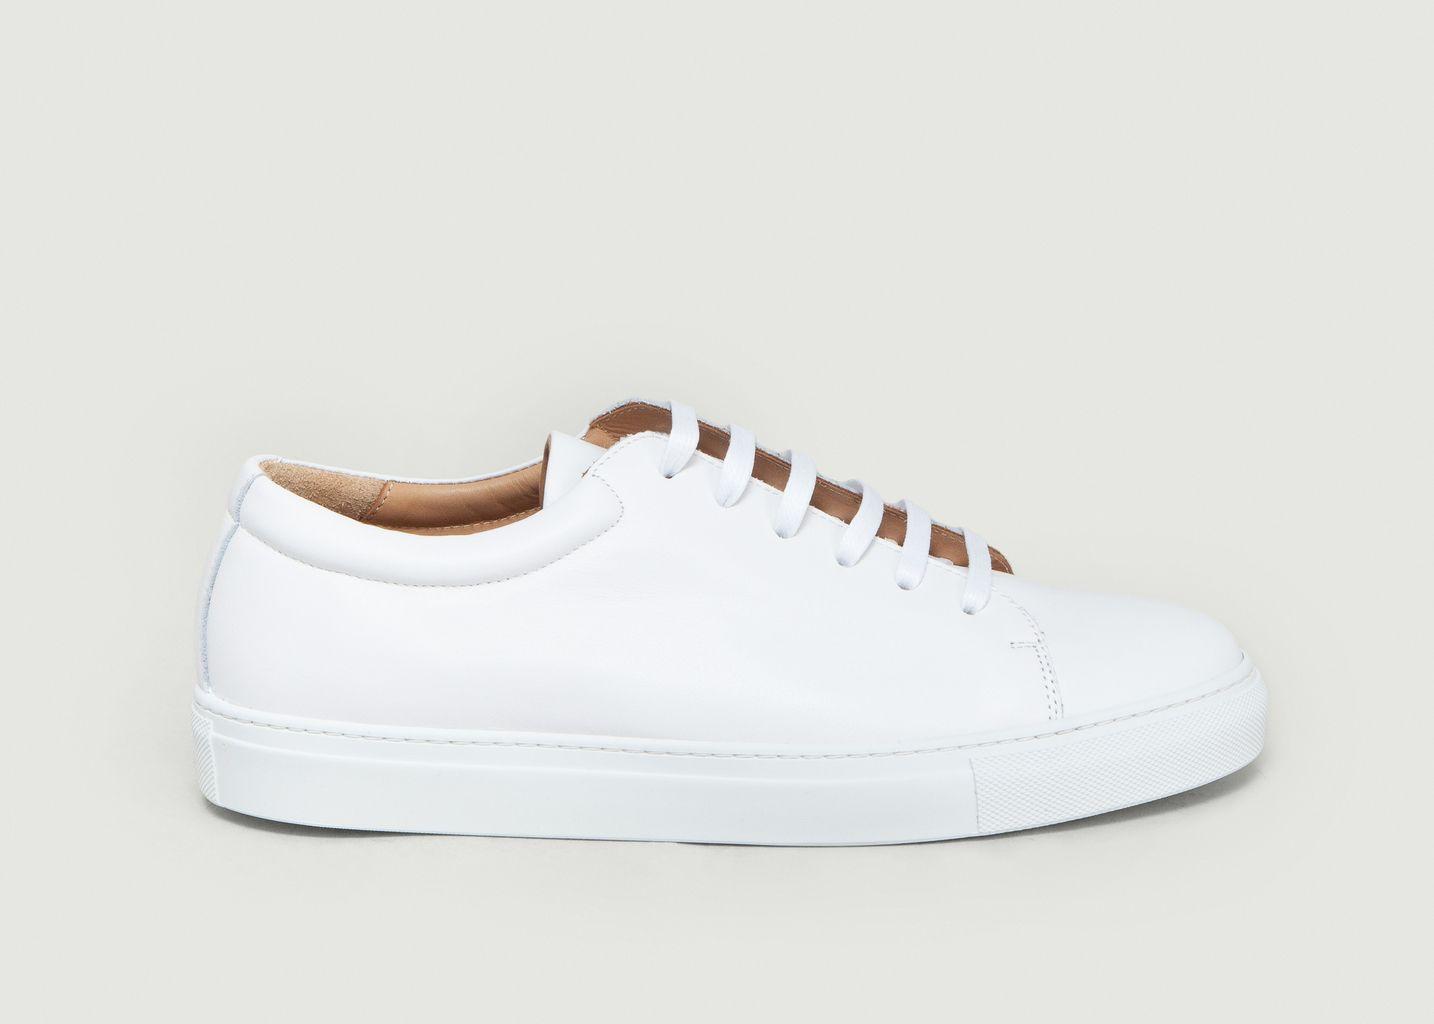 Sneakers Exclusive Edition 3 National Standard x L'Exception Paris - L'Exception Paris